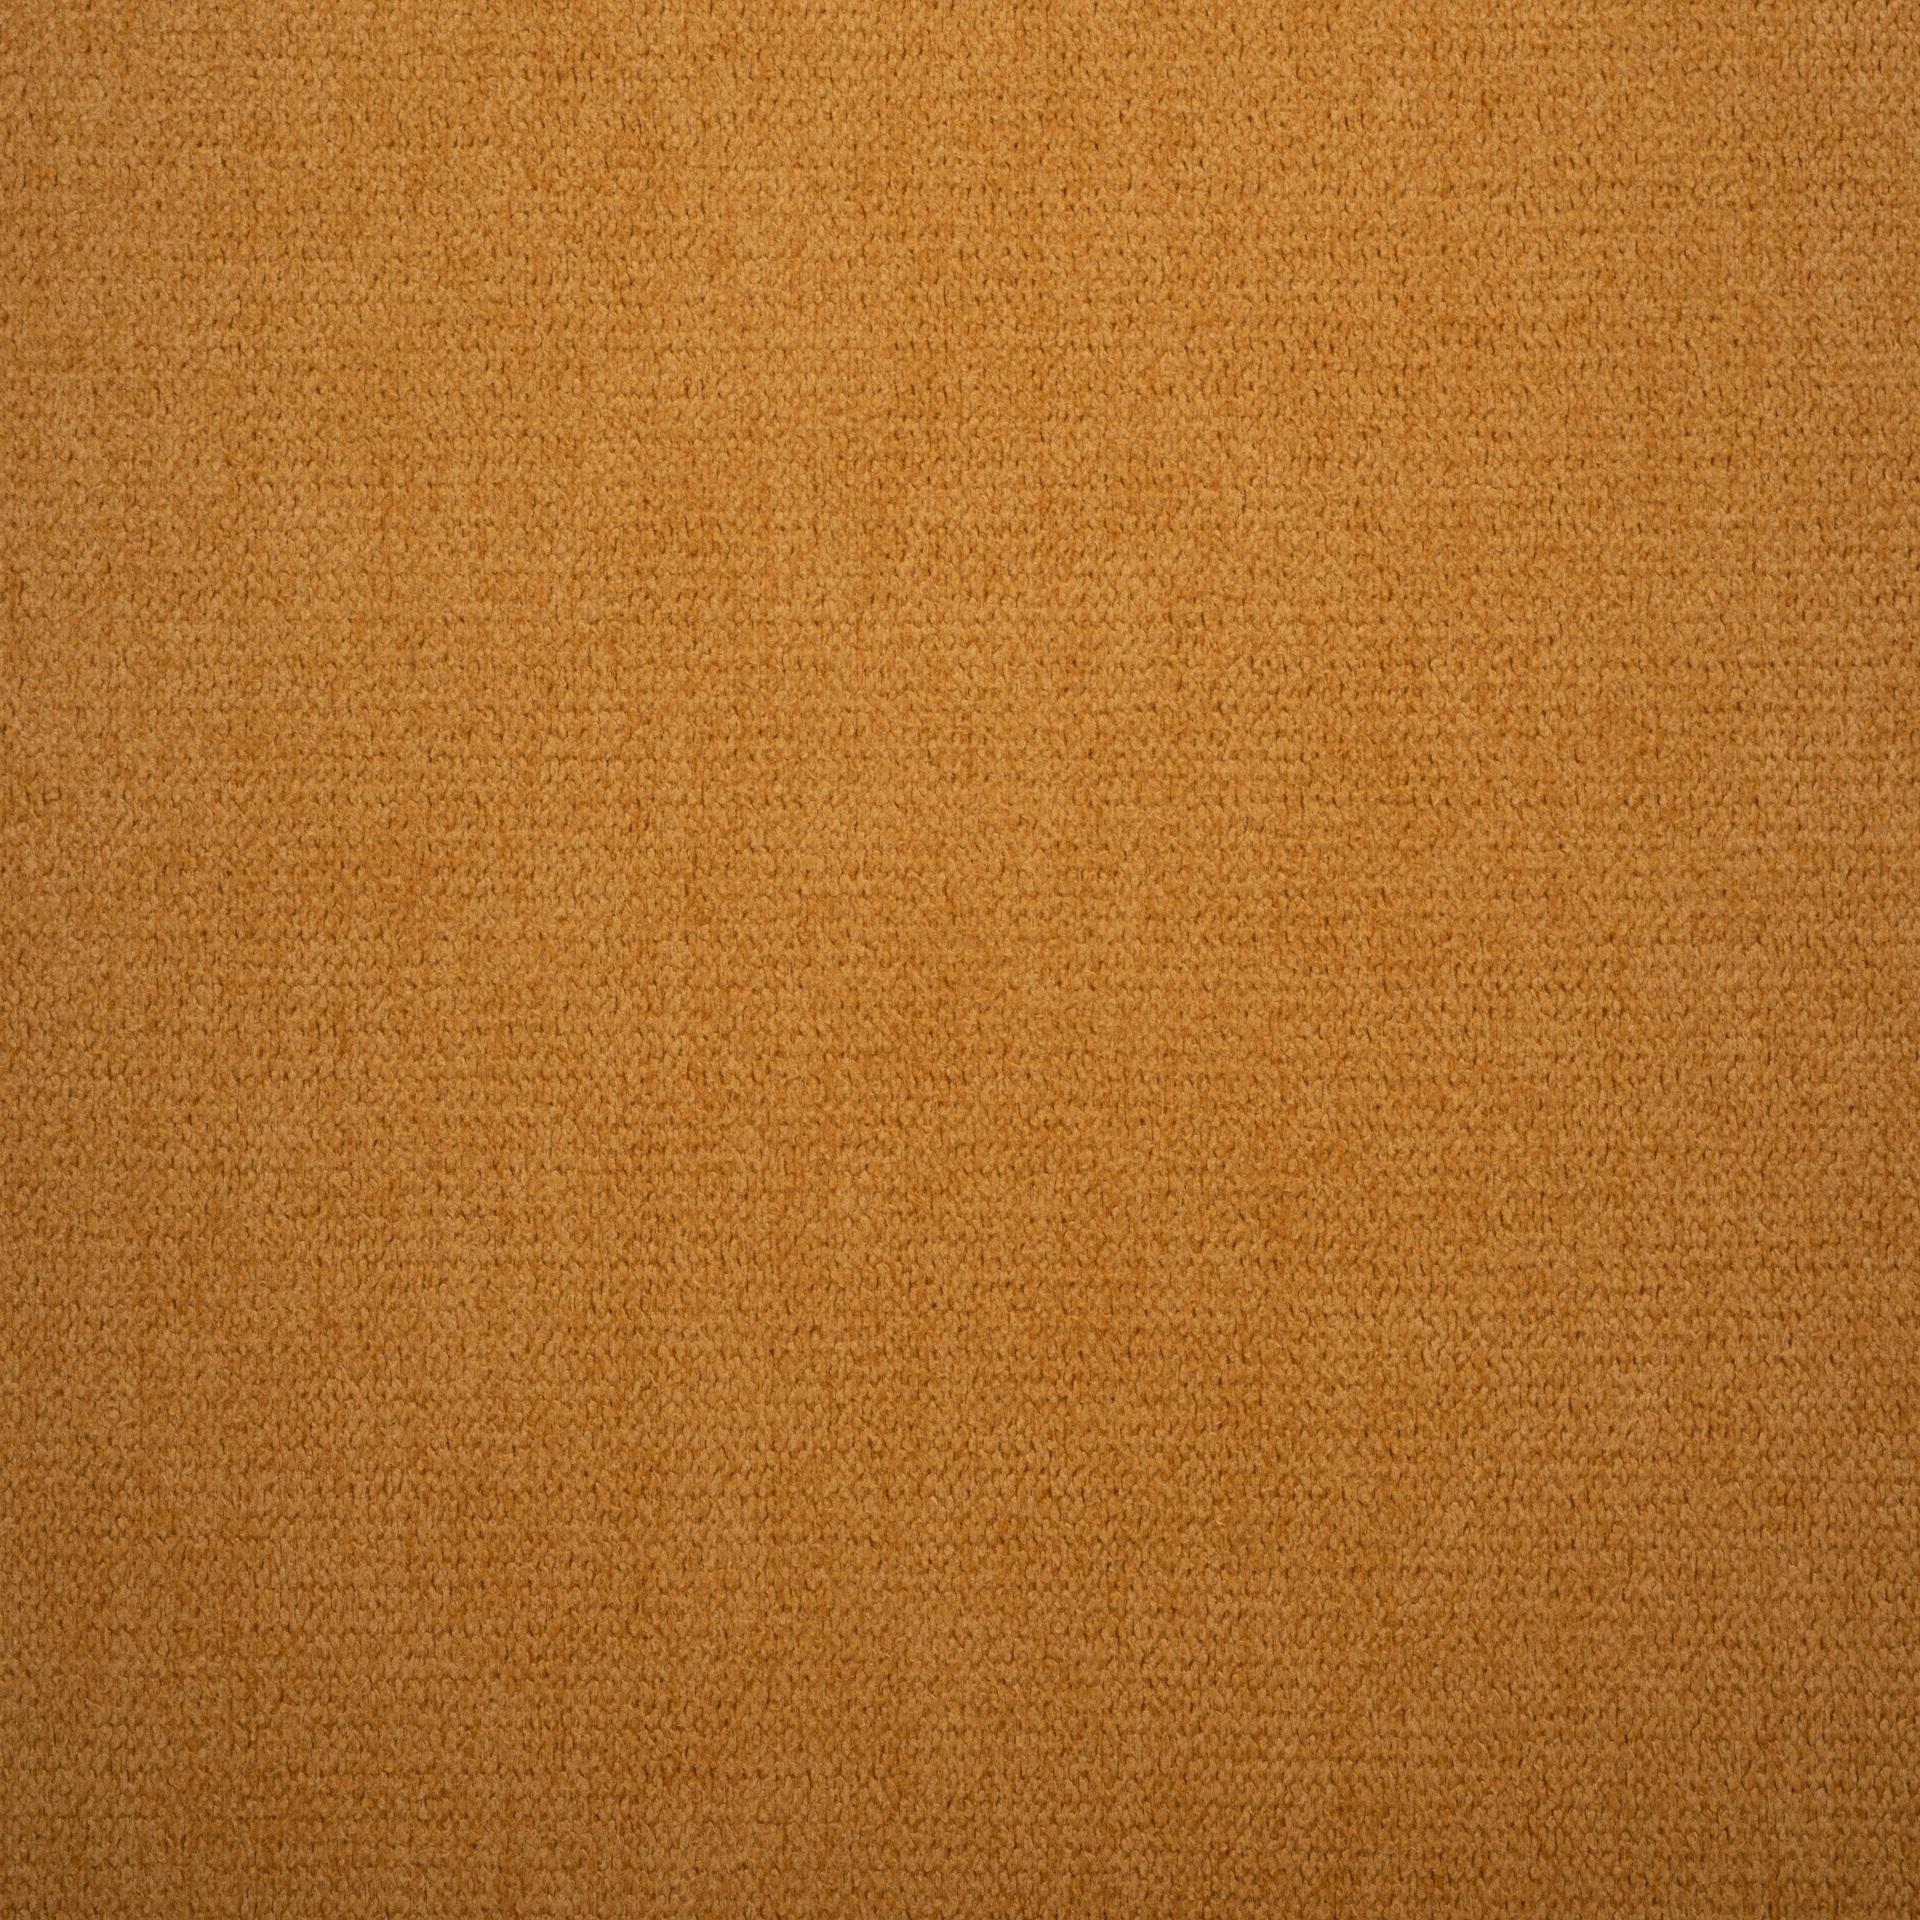 Коллекция ткани Аляска 41,  купить ткань Жаккард для мебели Украина